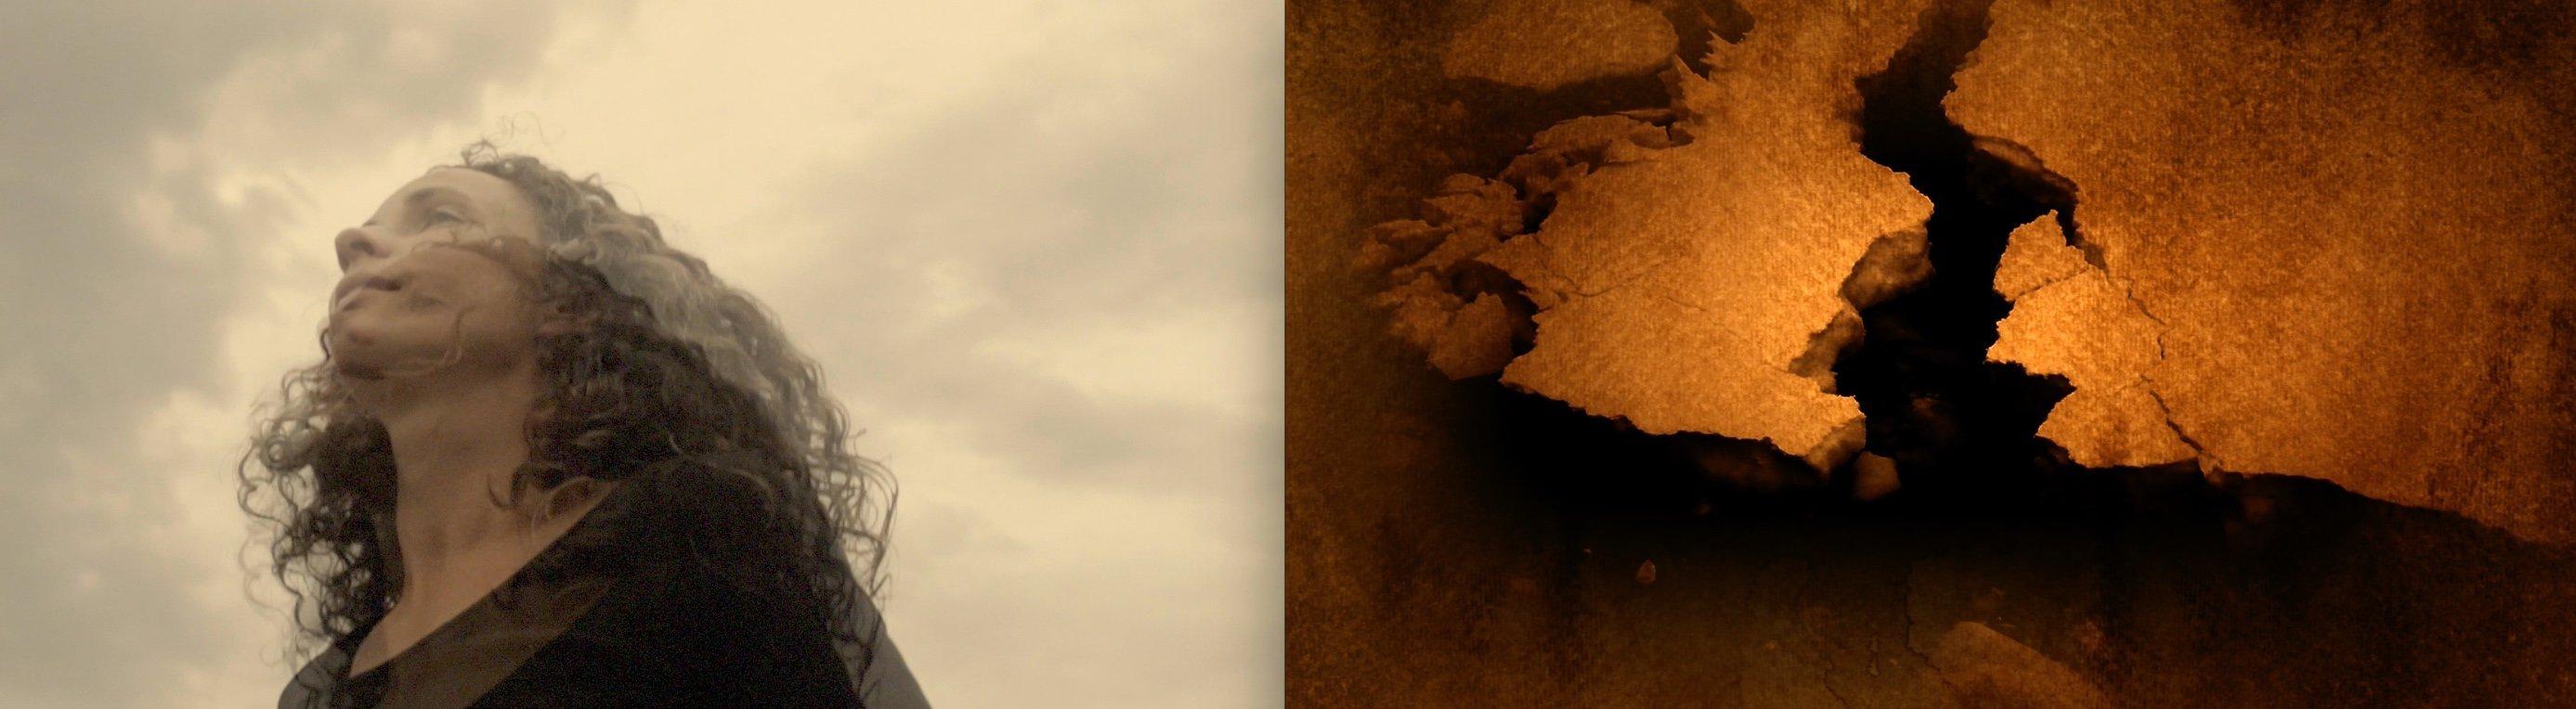 Polar Opposites .jpg